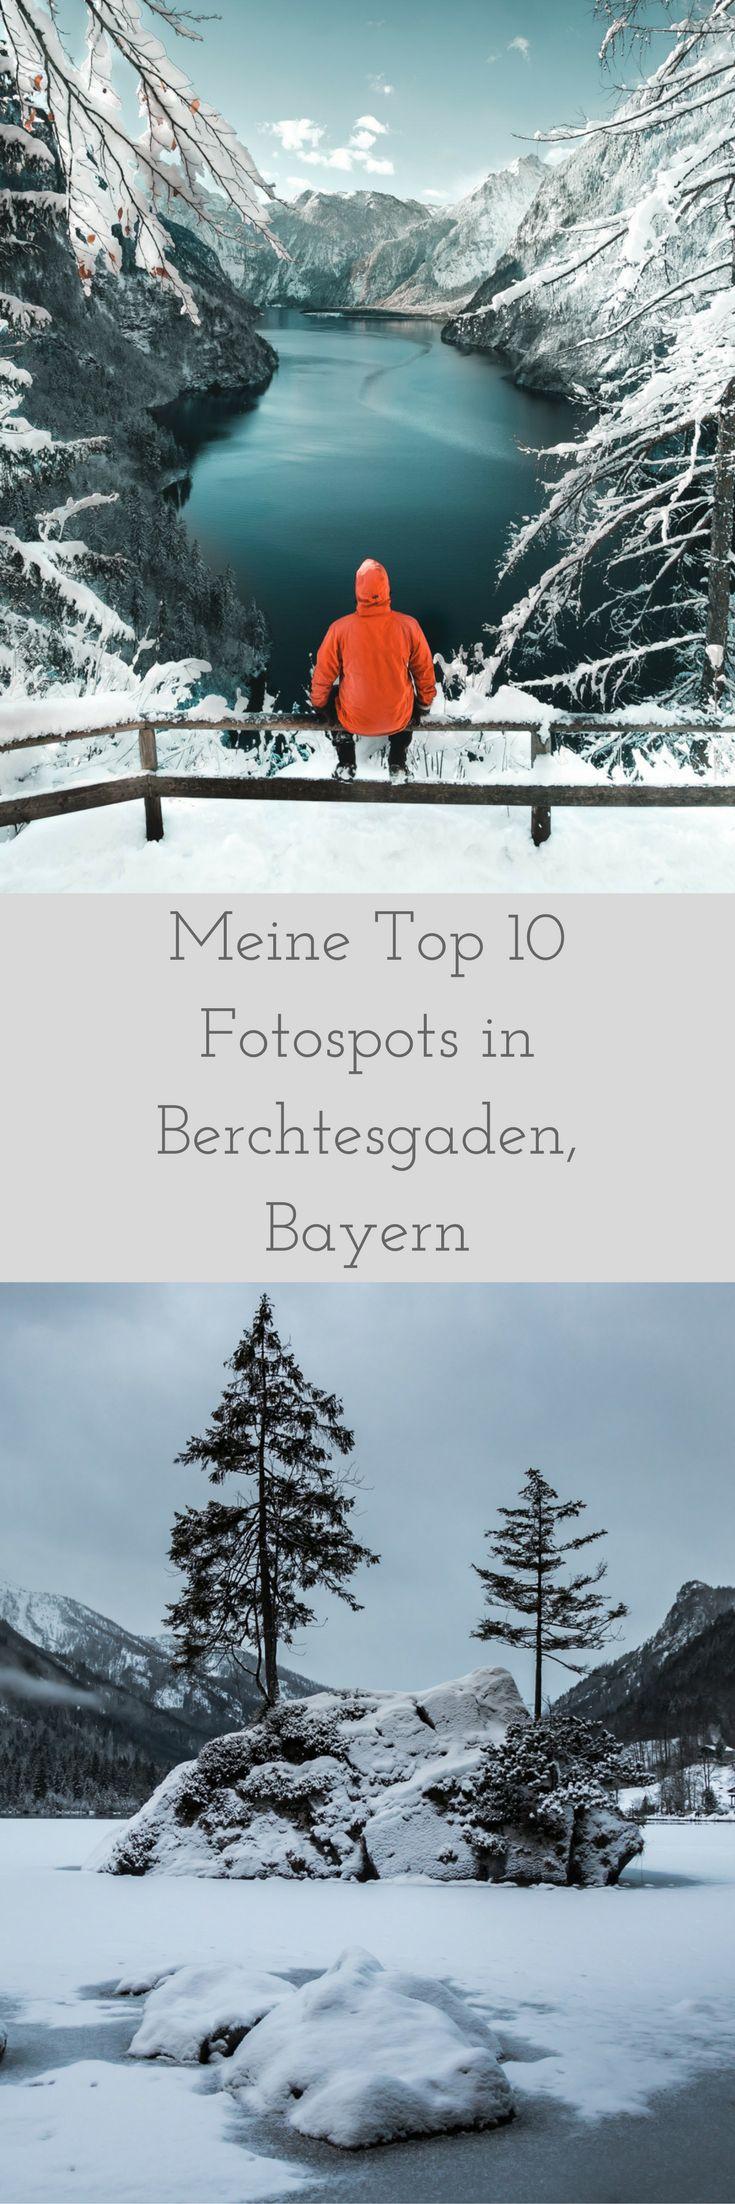 Berchtesgaden Fotospots   Die Highlights